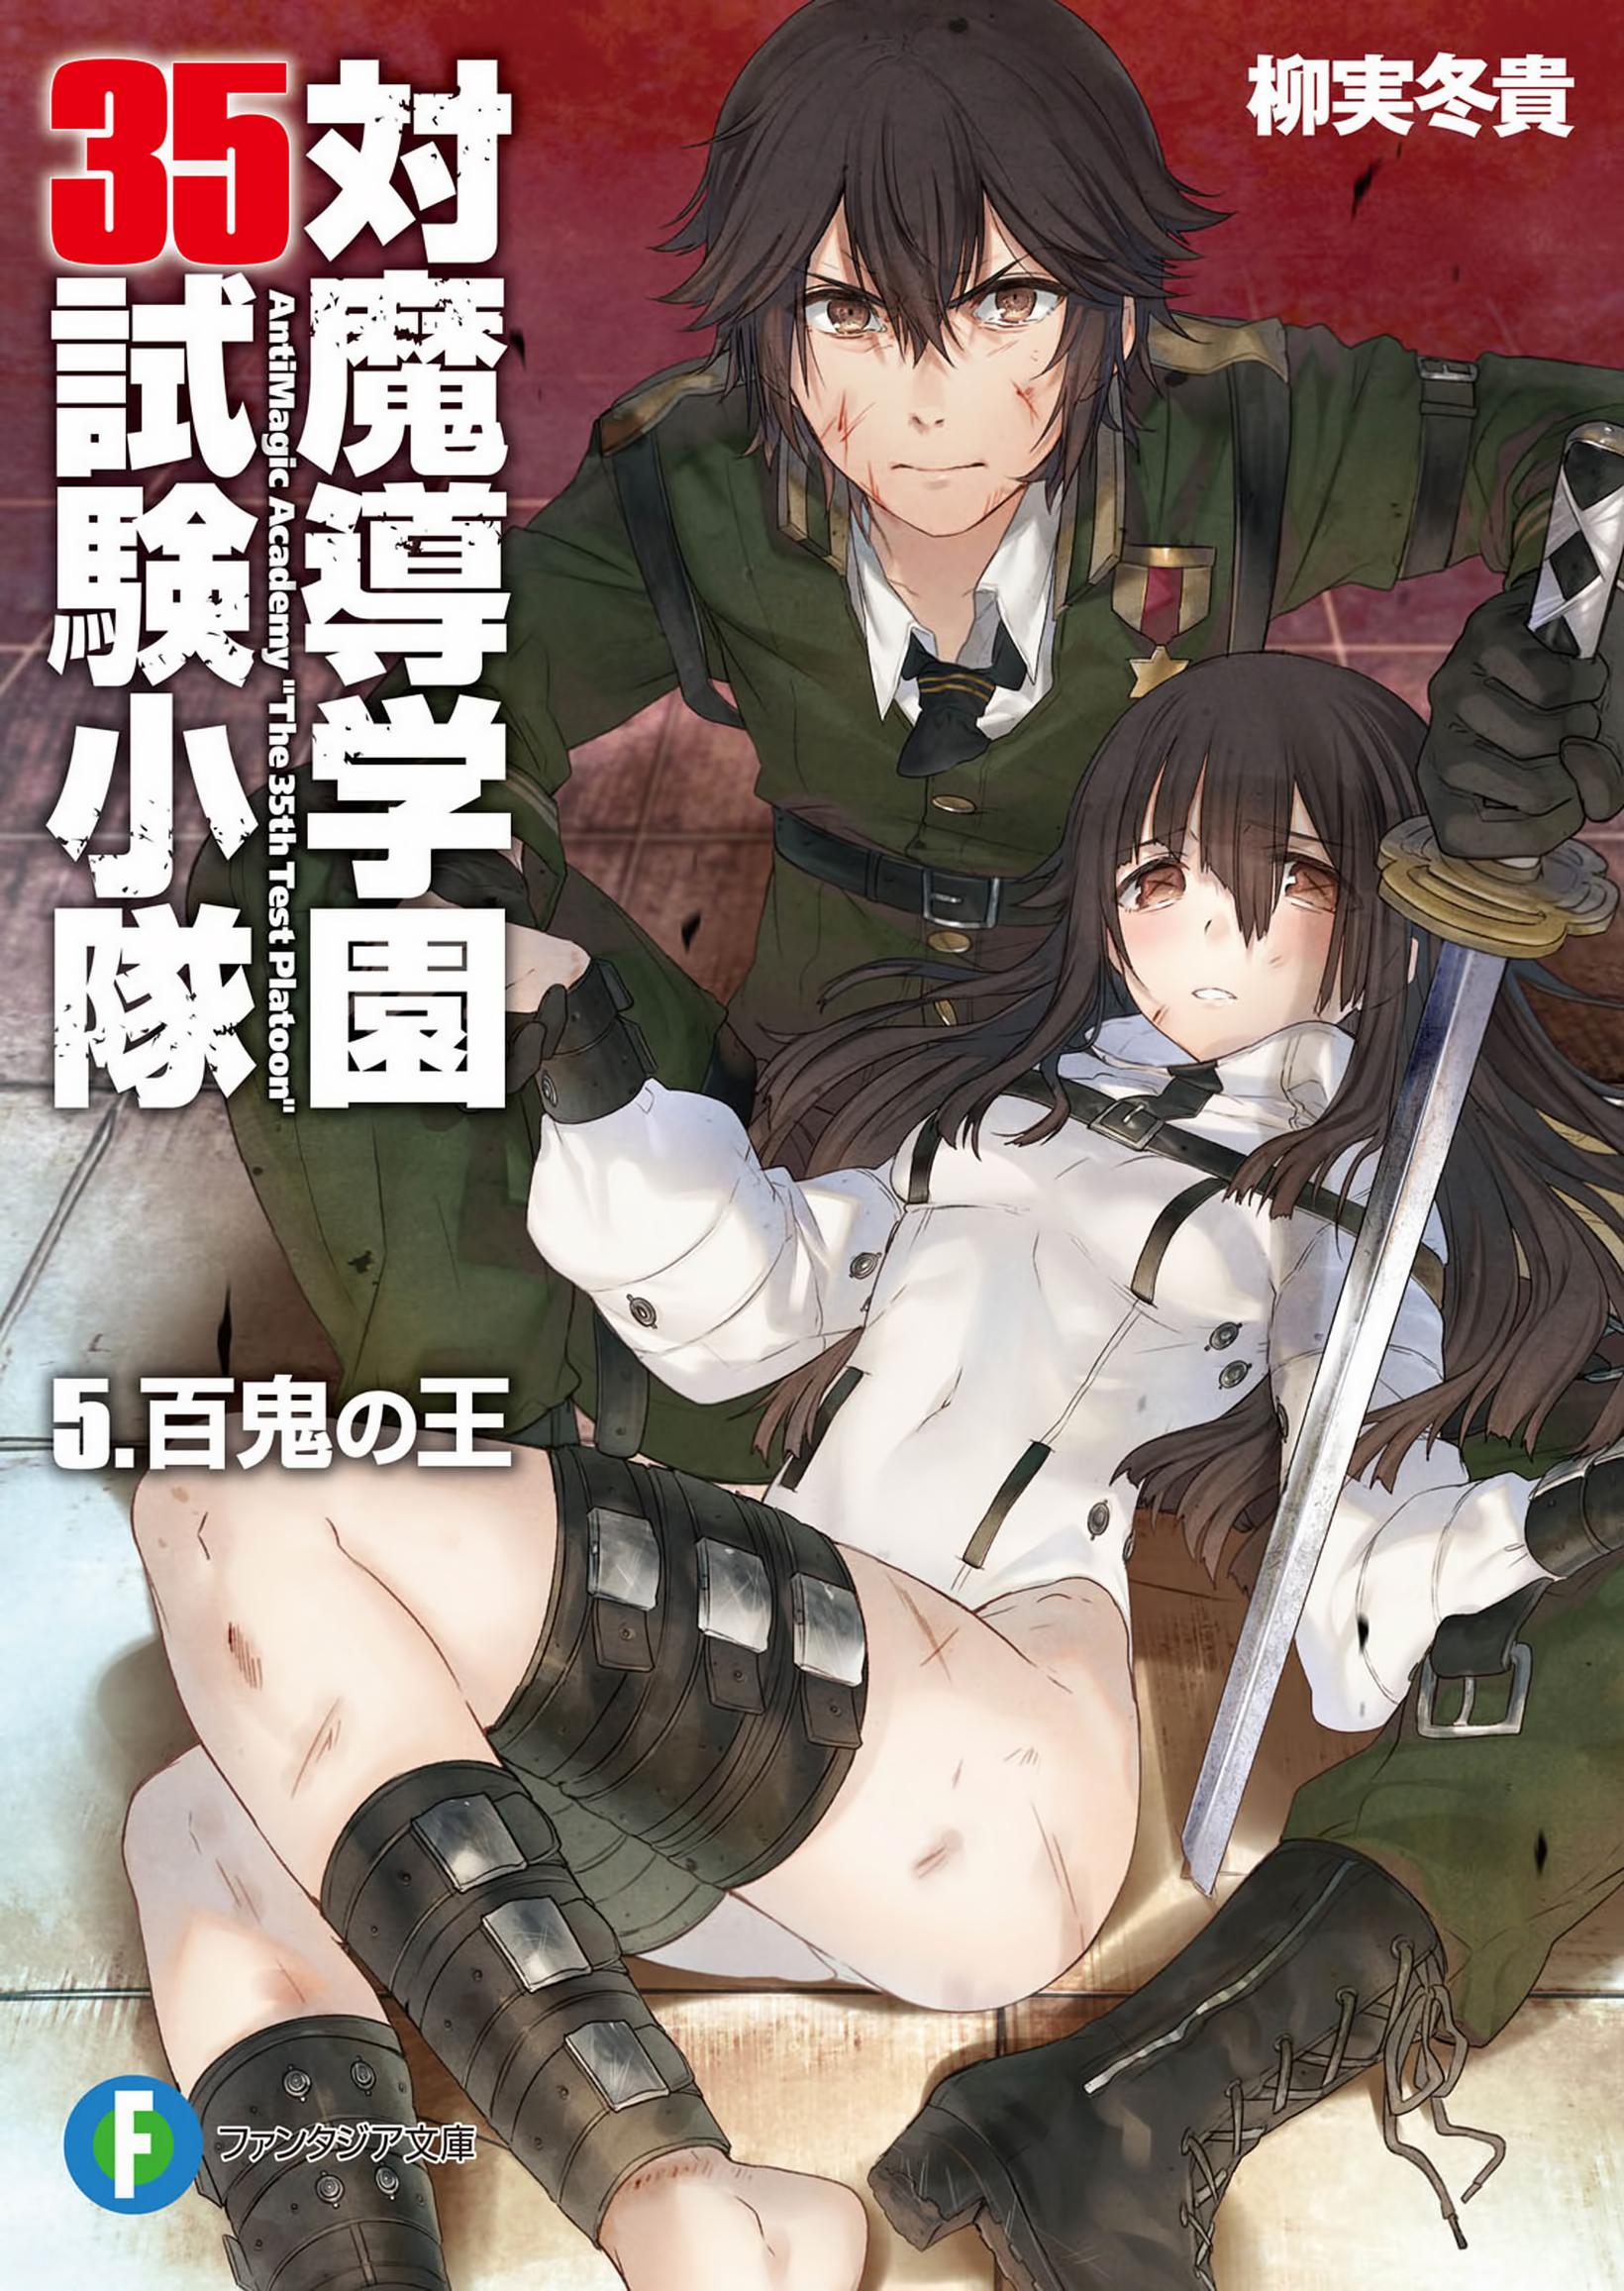 Taimadou Gakuen 35 Shiken Shoutai Tập 5